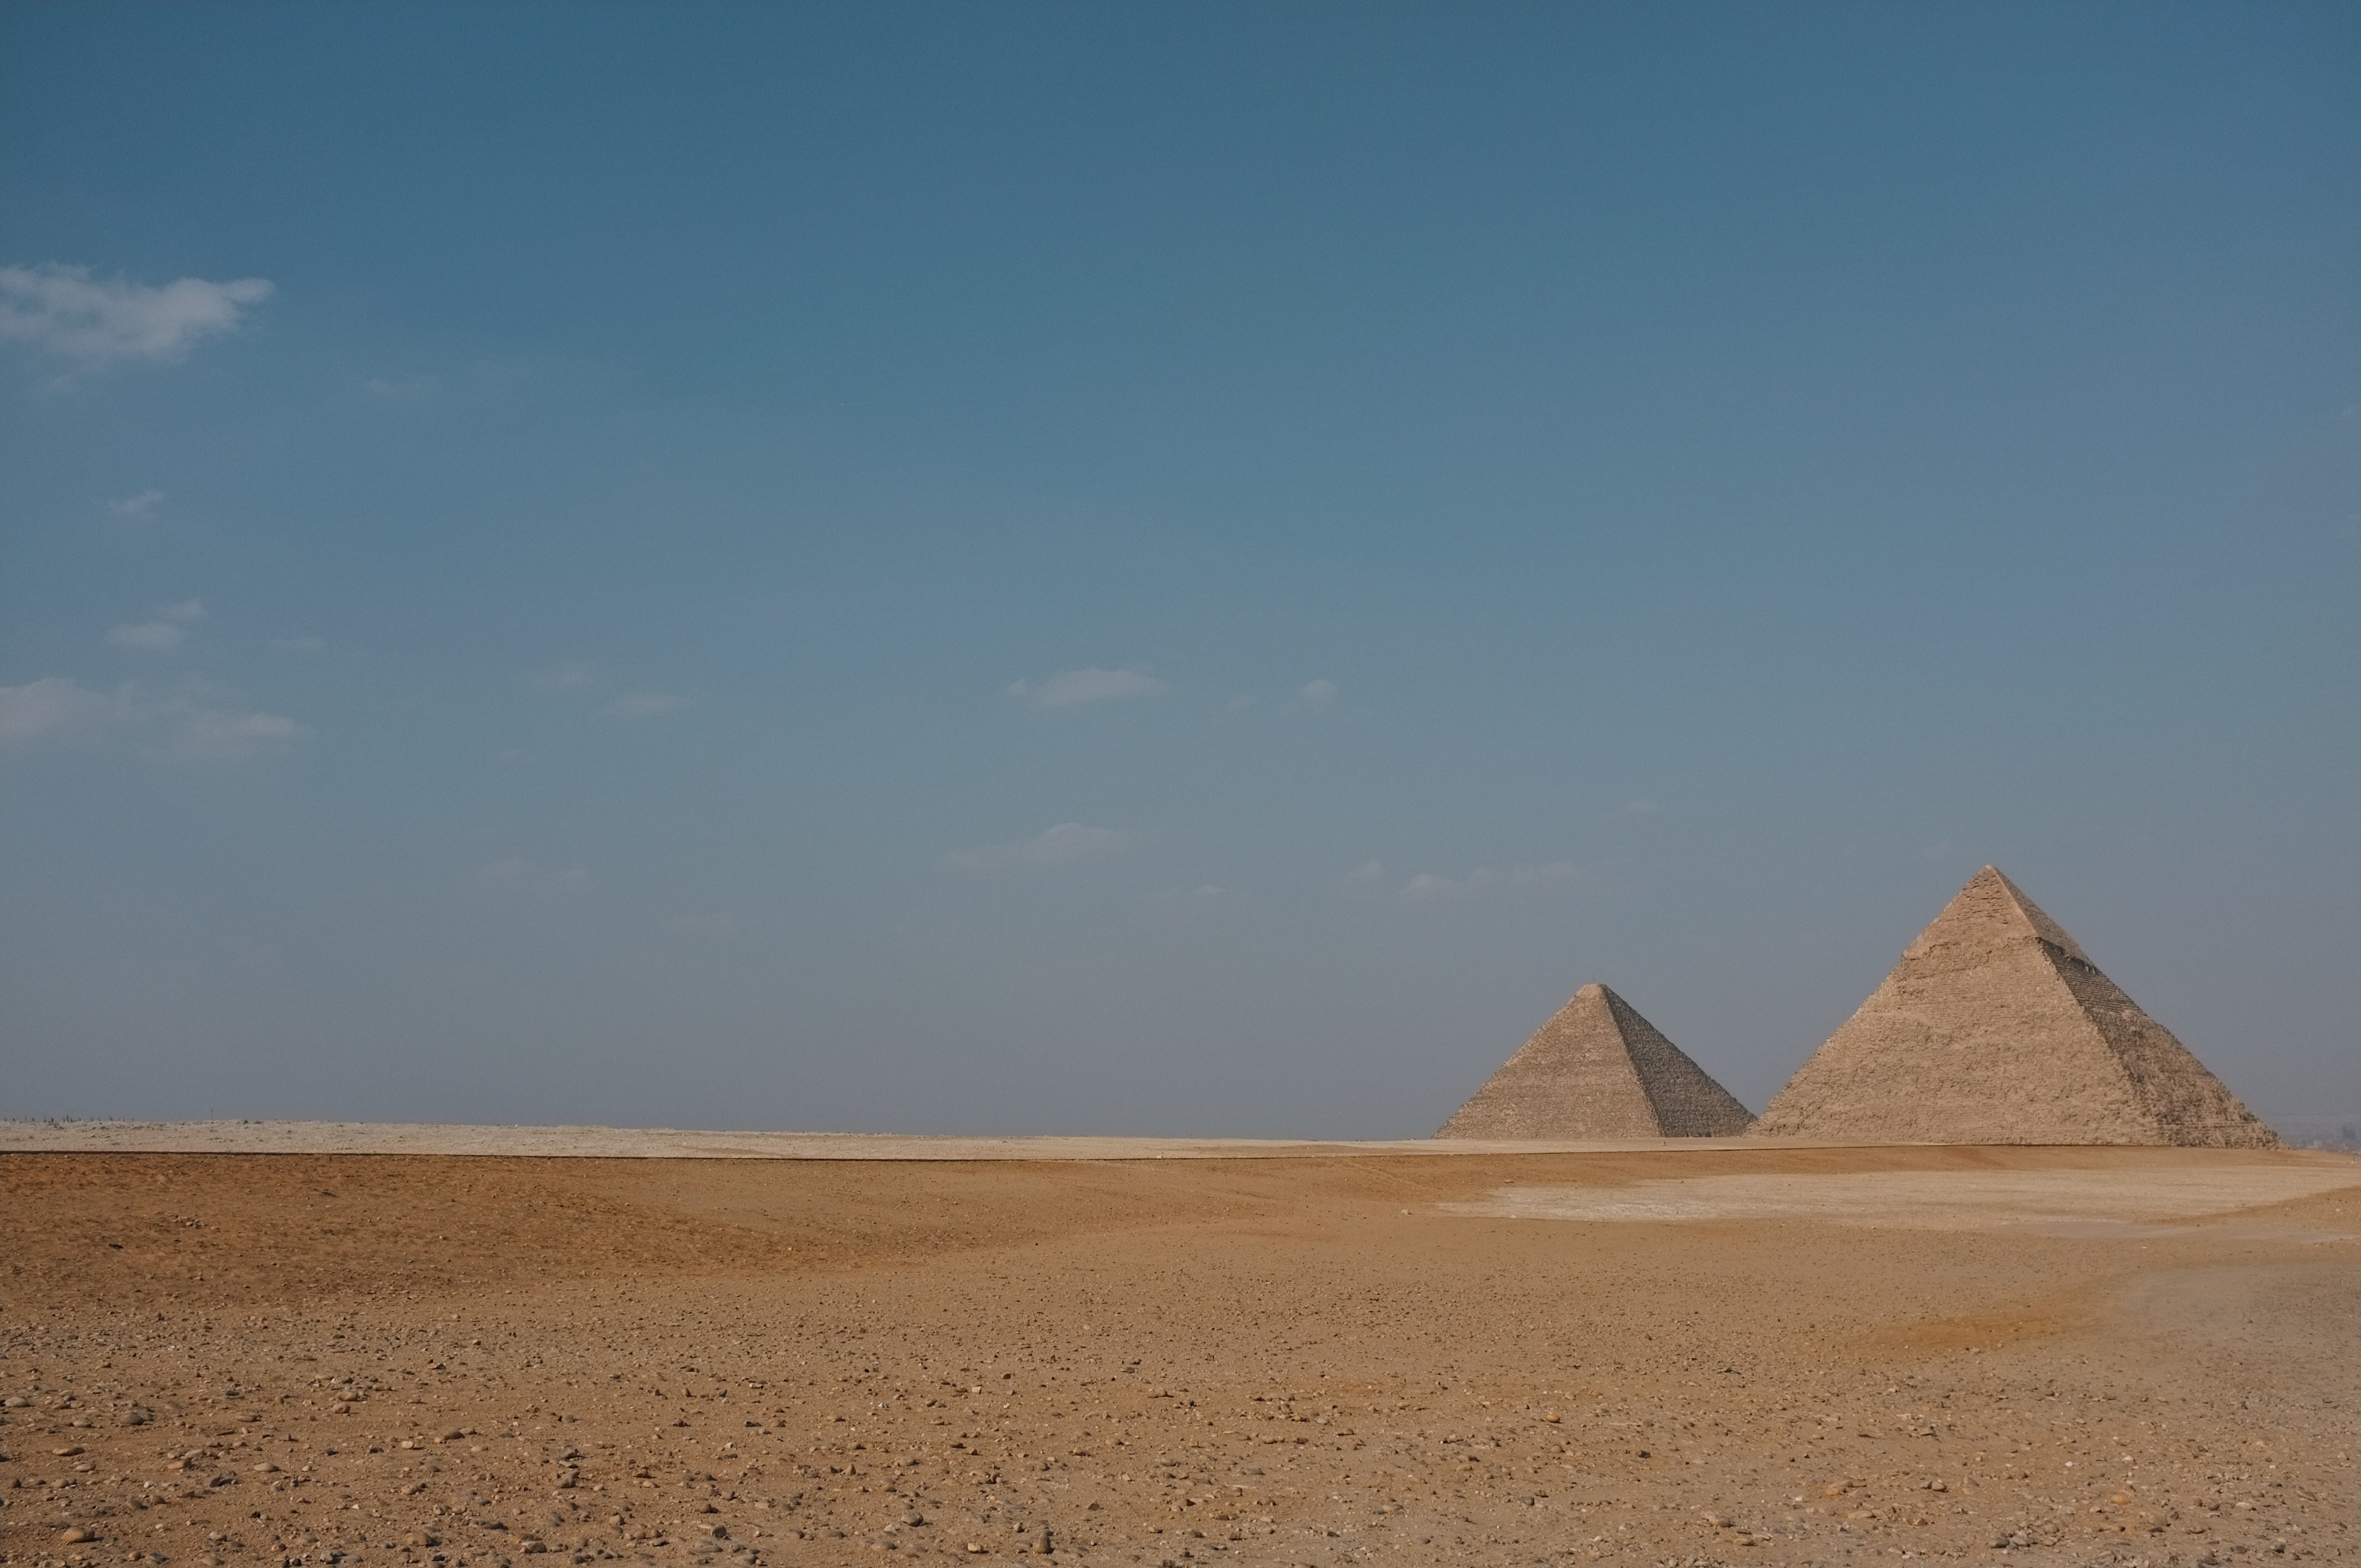 ギザの大スフィンクスはエジプト世界遺産!三大ピラミッドも合わせてご紹介!